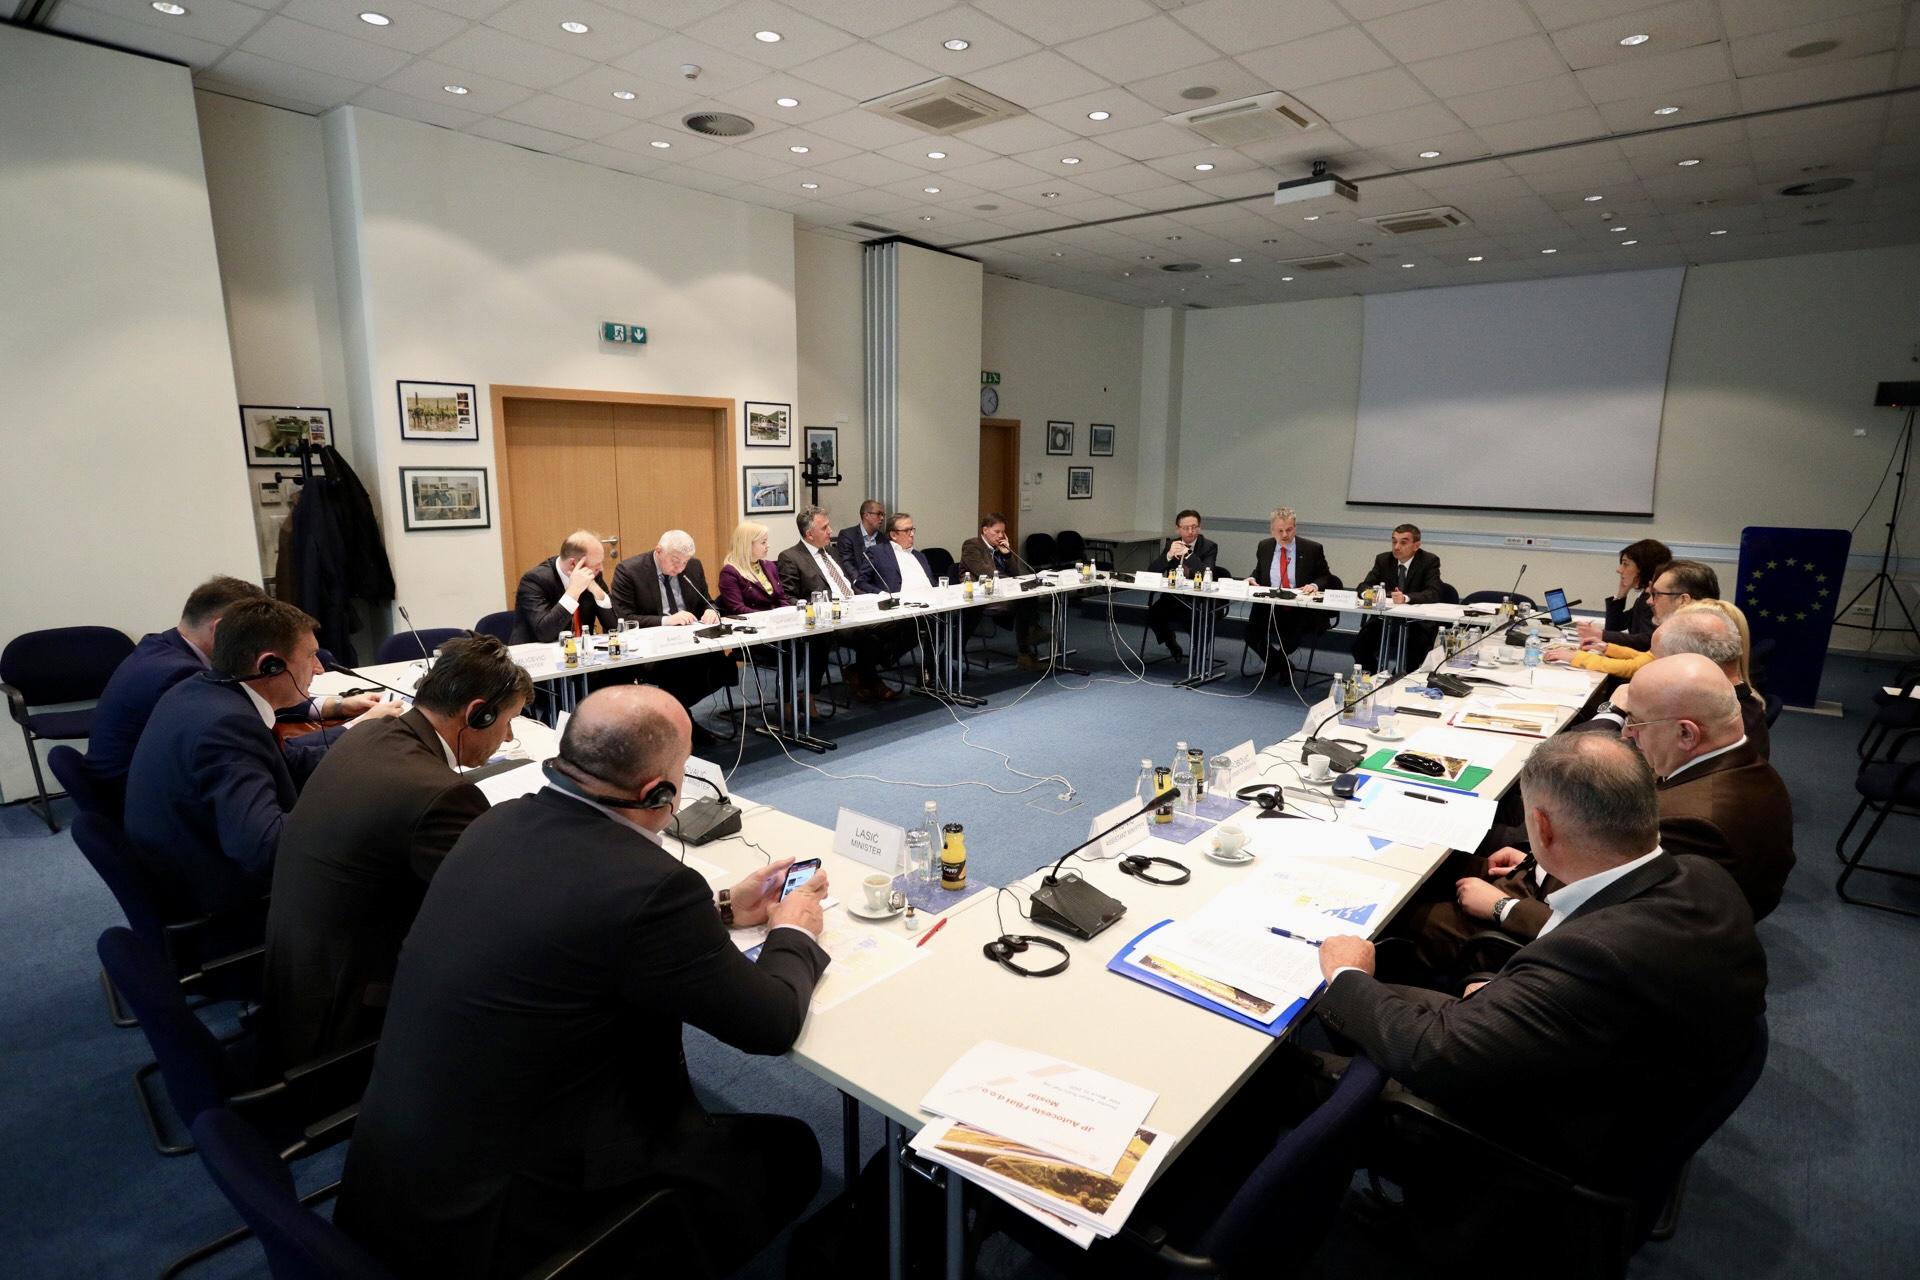 Β-Ε: Η ΕΕ συνεχίζει να στηρίζει την κατασκευή του Διαδρόμου 5c